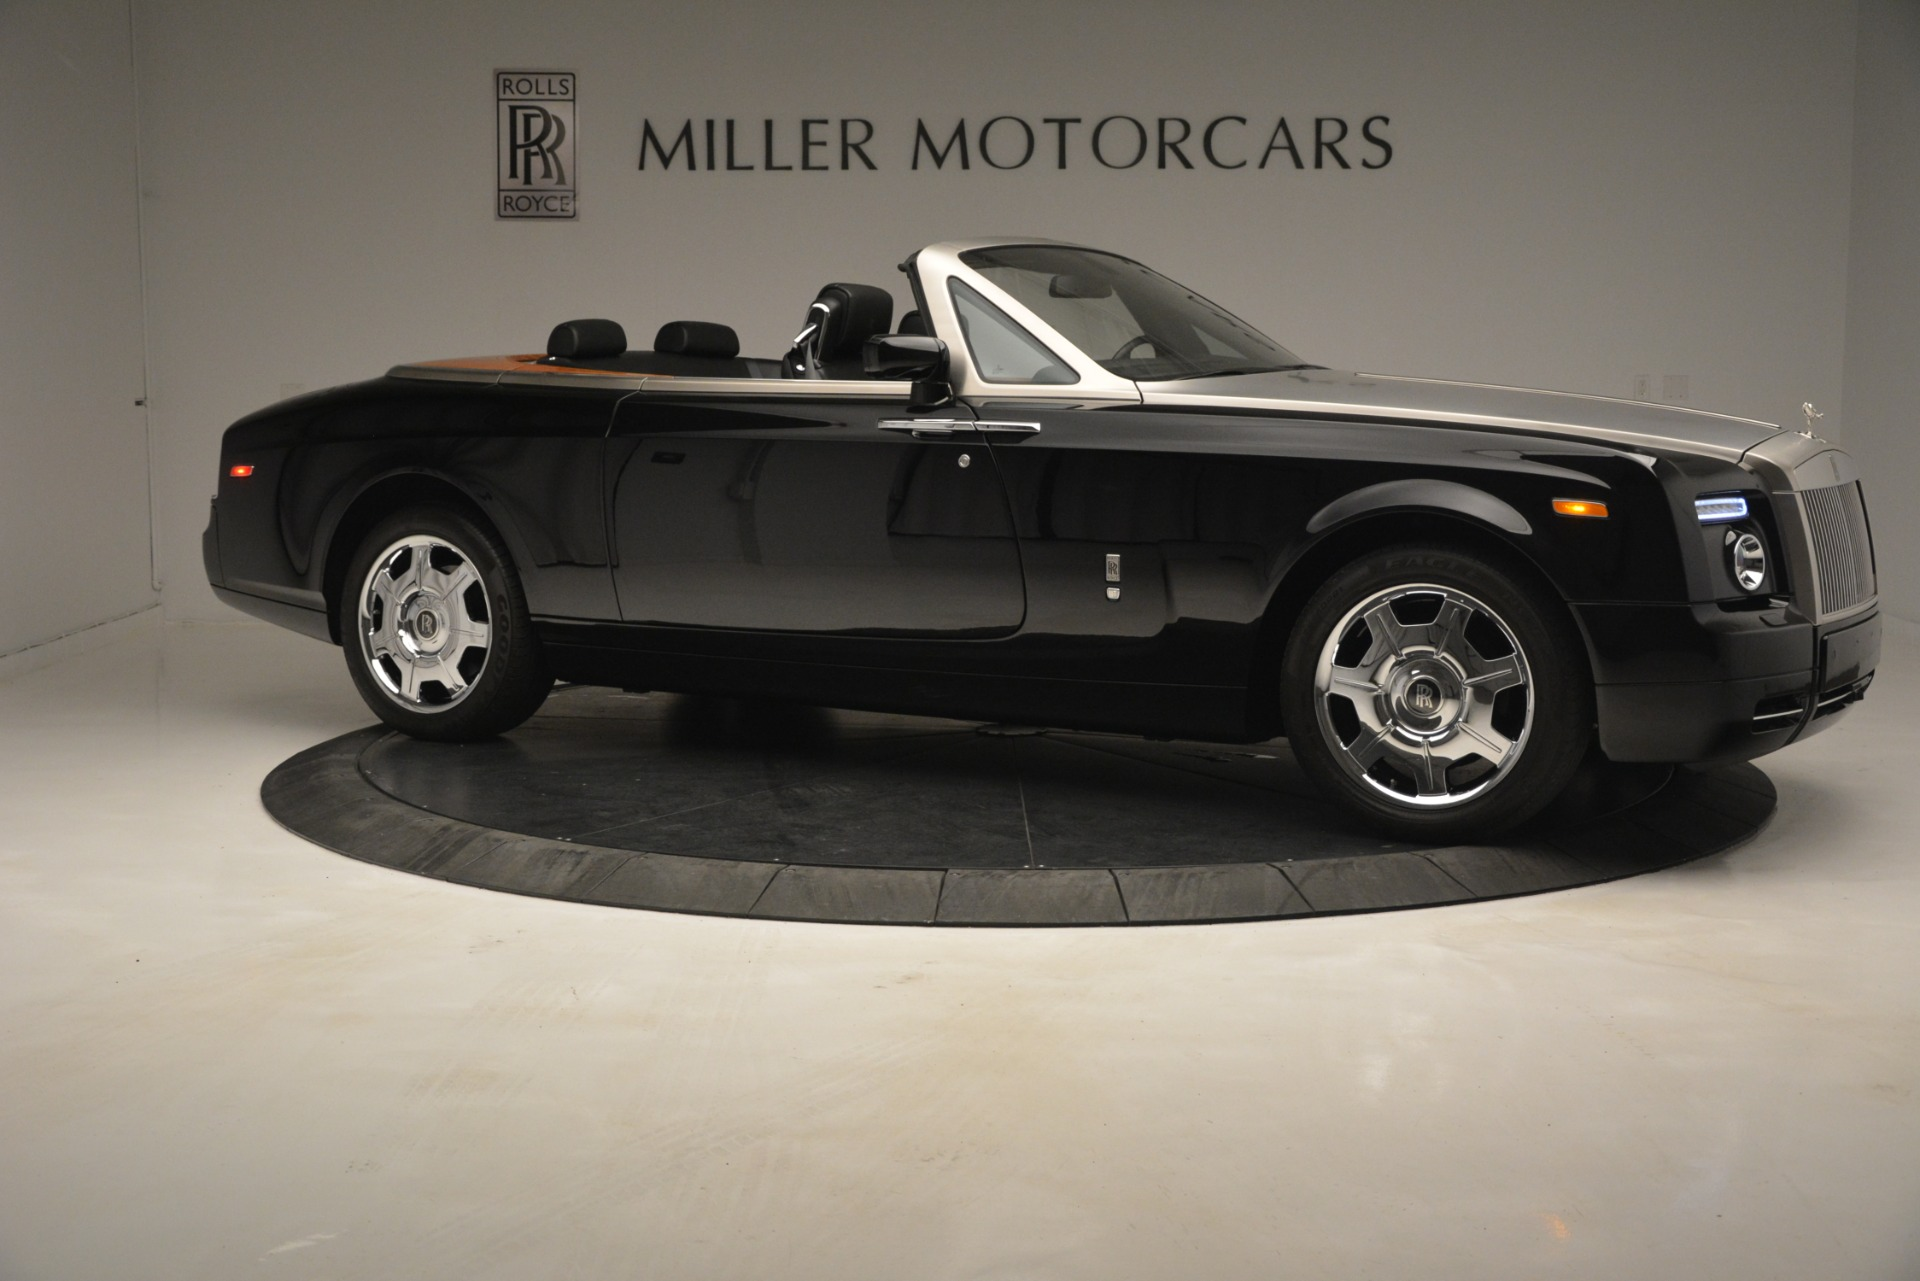 Used 2008 Rolls-Royce Phantom Drophead Coupe  For Sale In Westport, CT 3000_p14